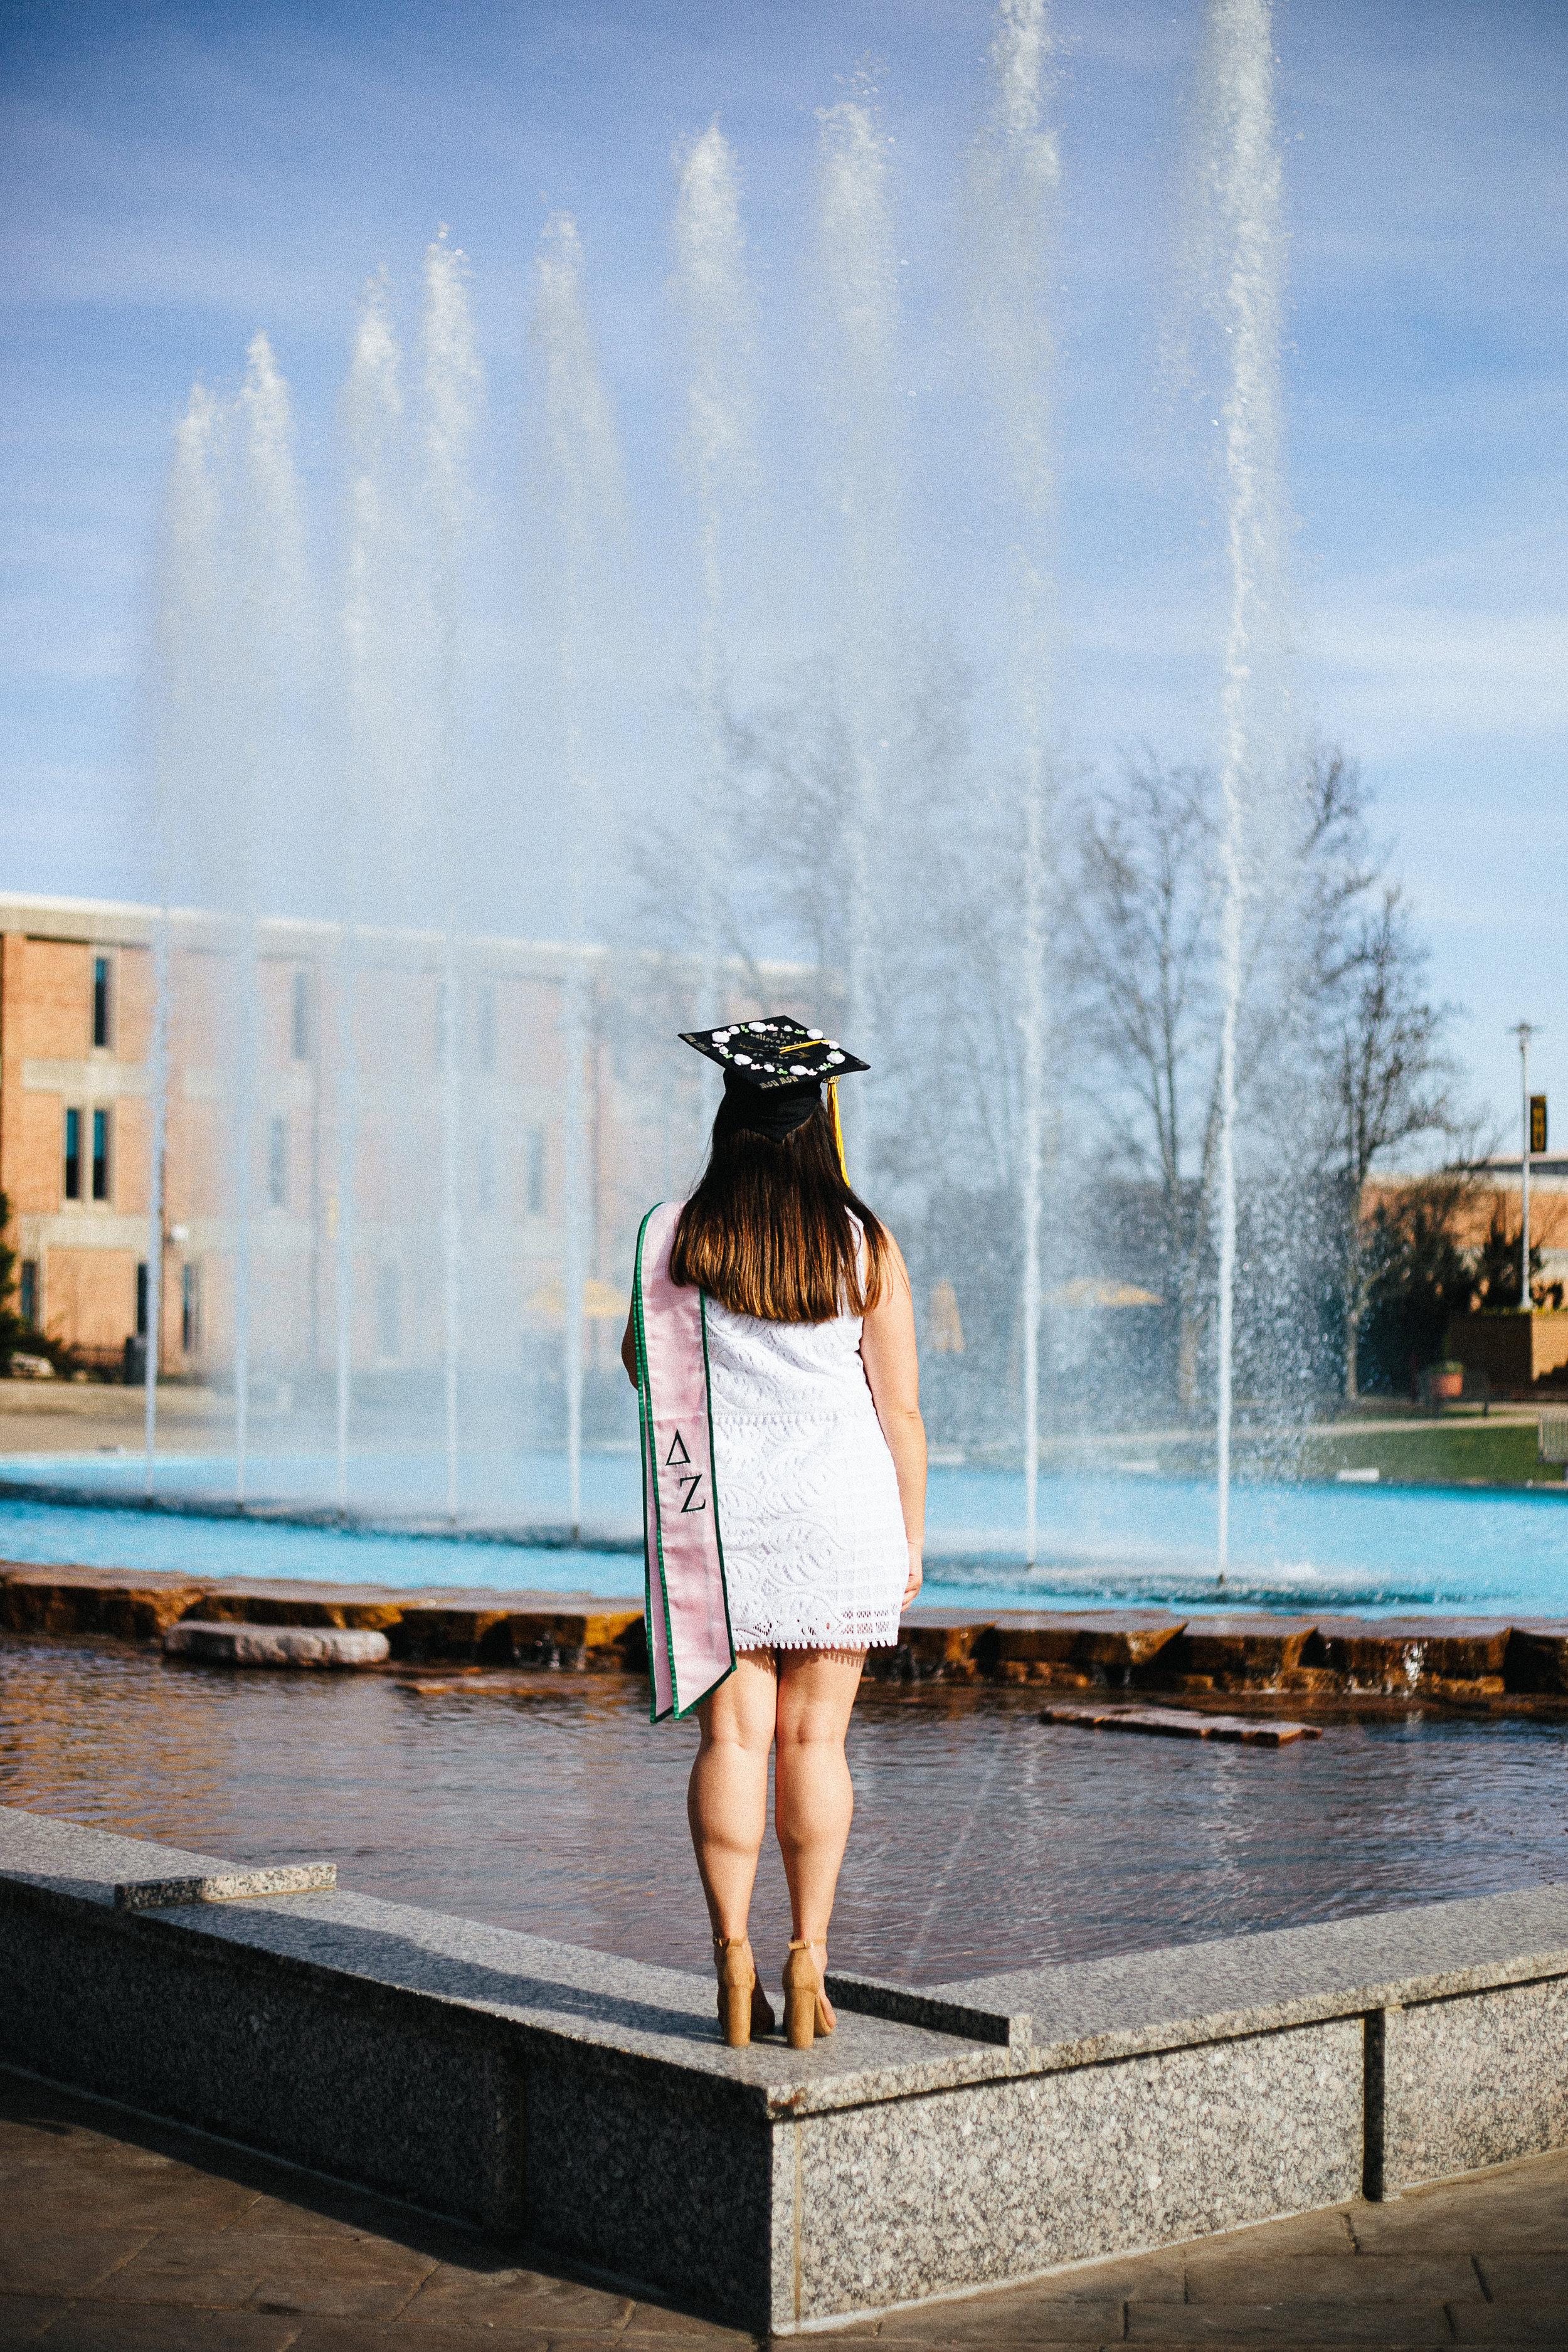 Western Michigan University Miller Fountain Delta Zeta